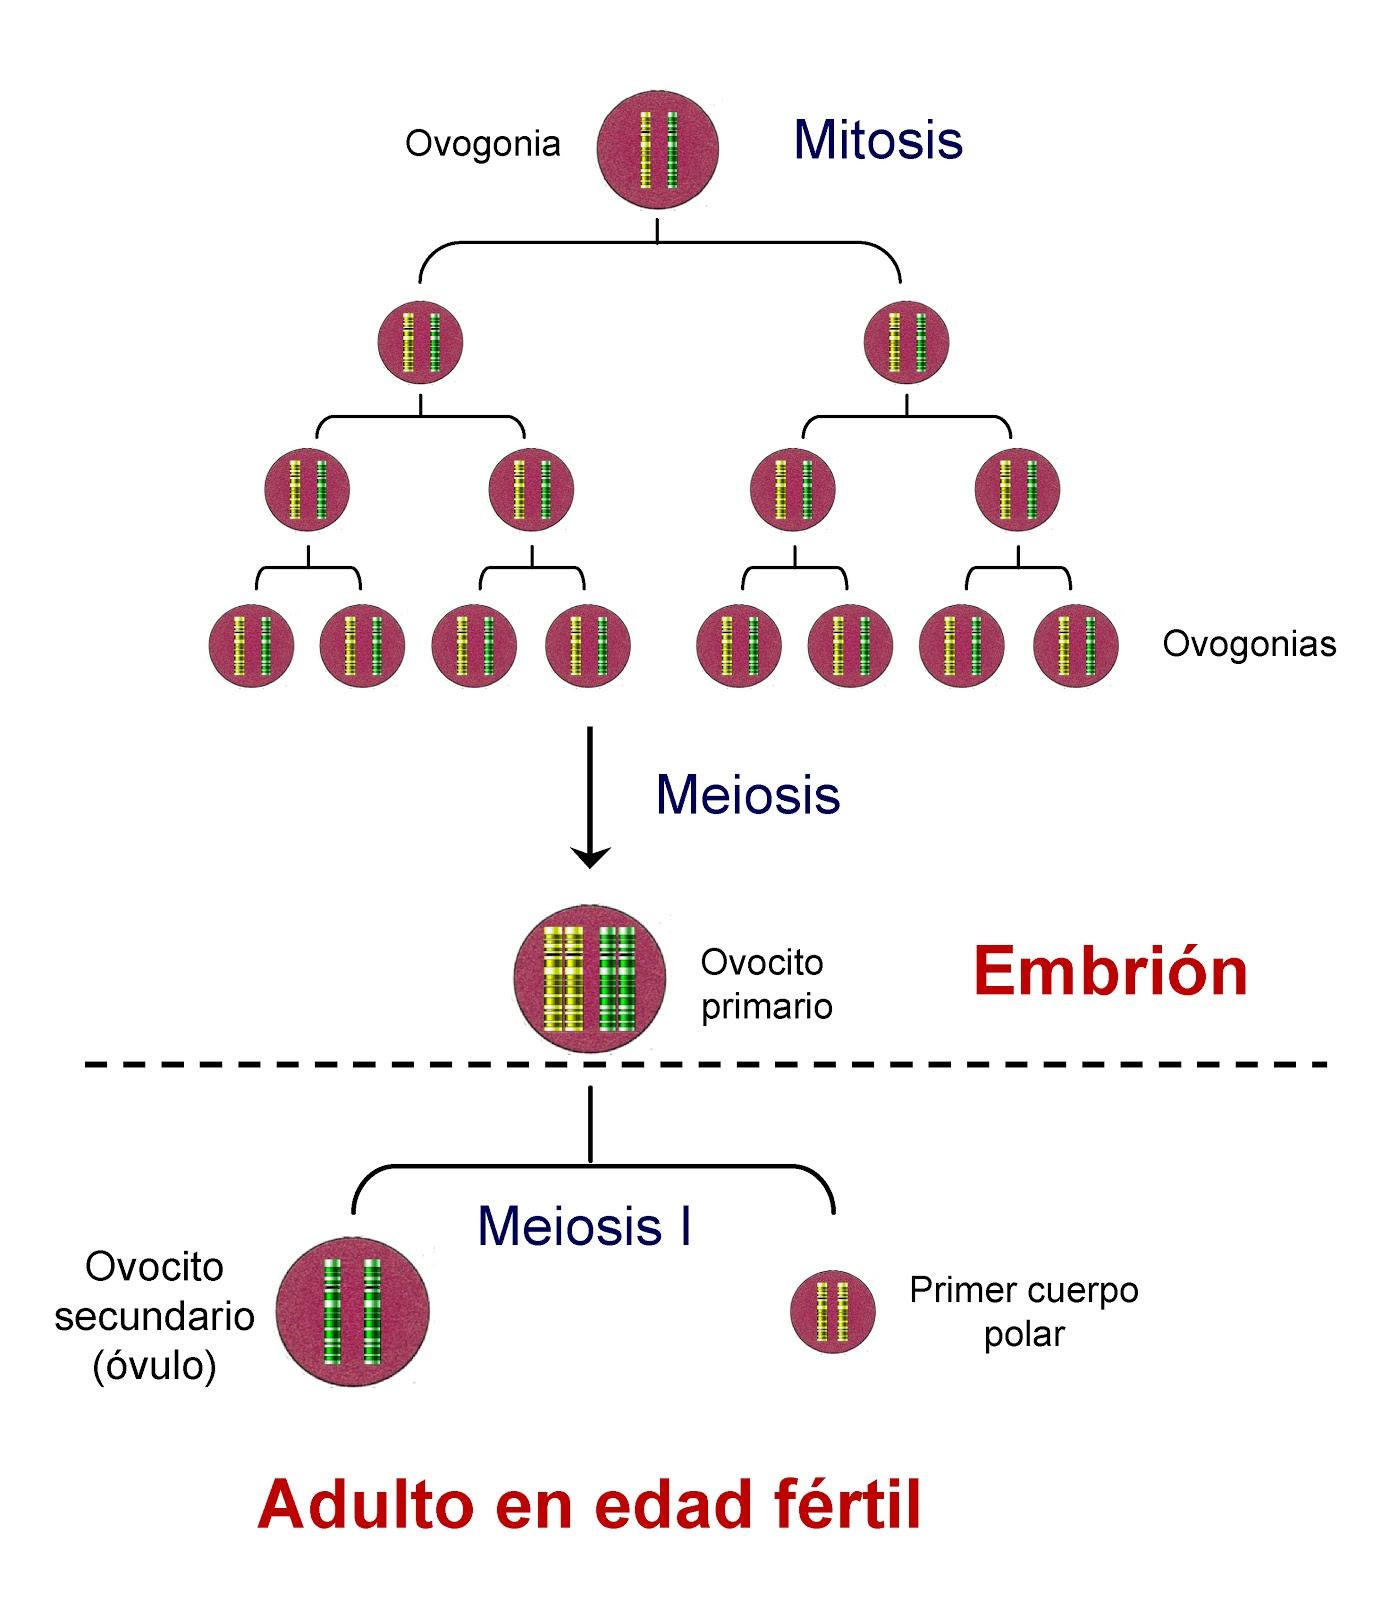 Mitosis y meiosis durante la etapa embrionaria y en edad fértil